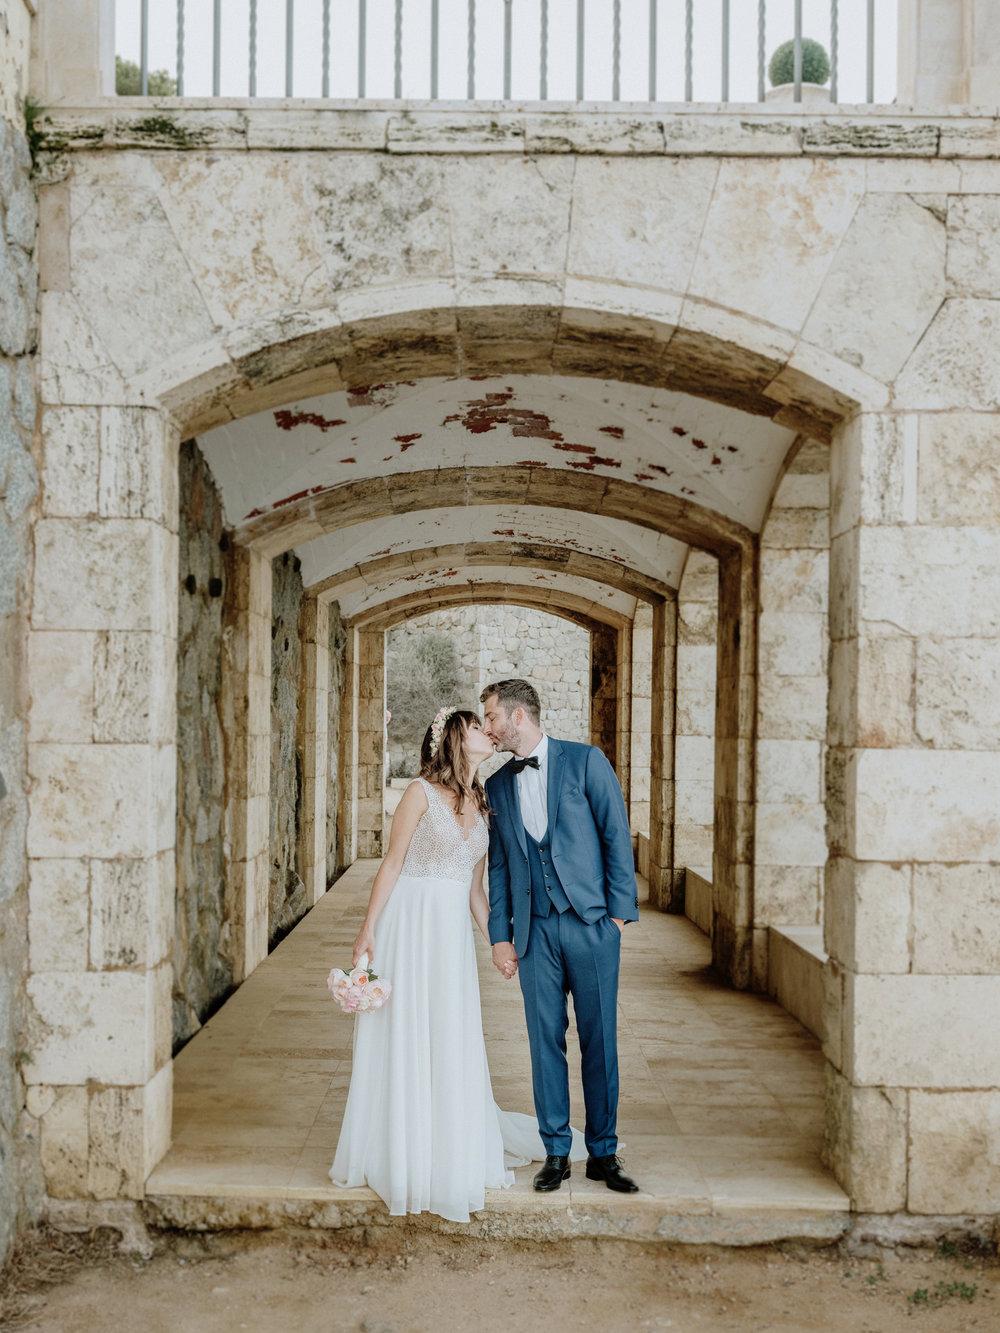 fotografo-boda-barcelona0054.jpg